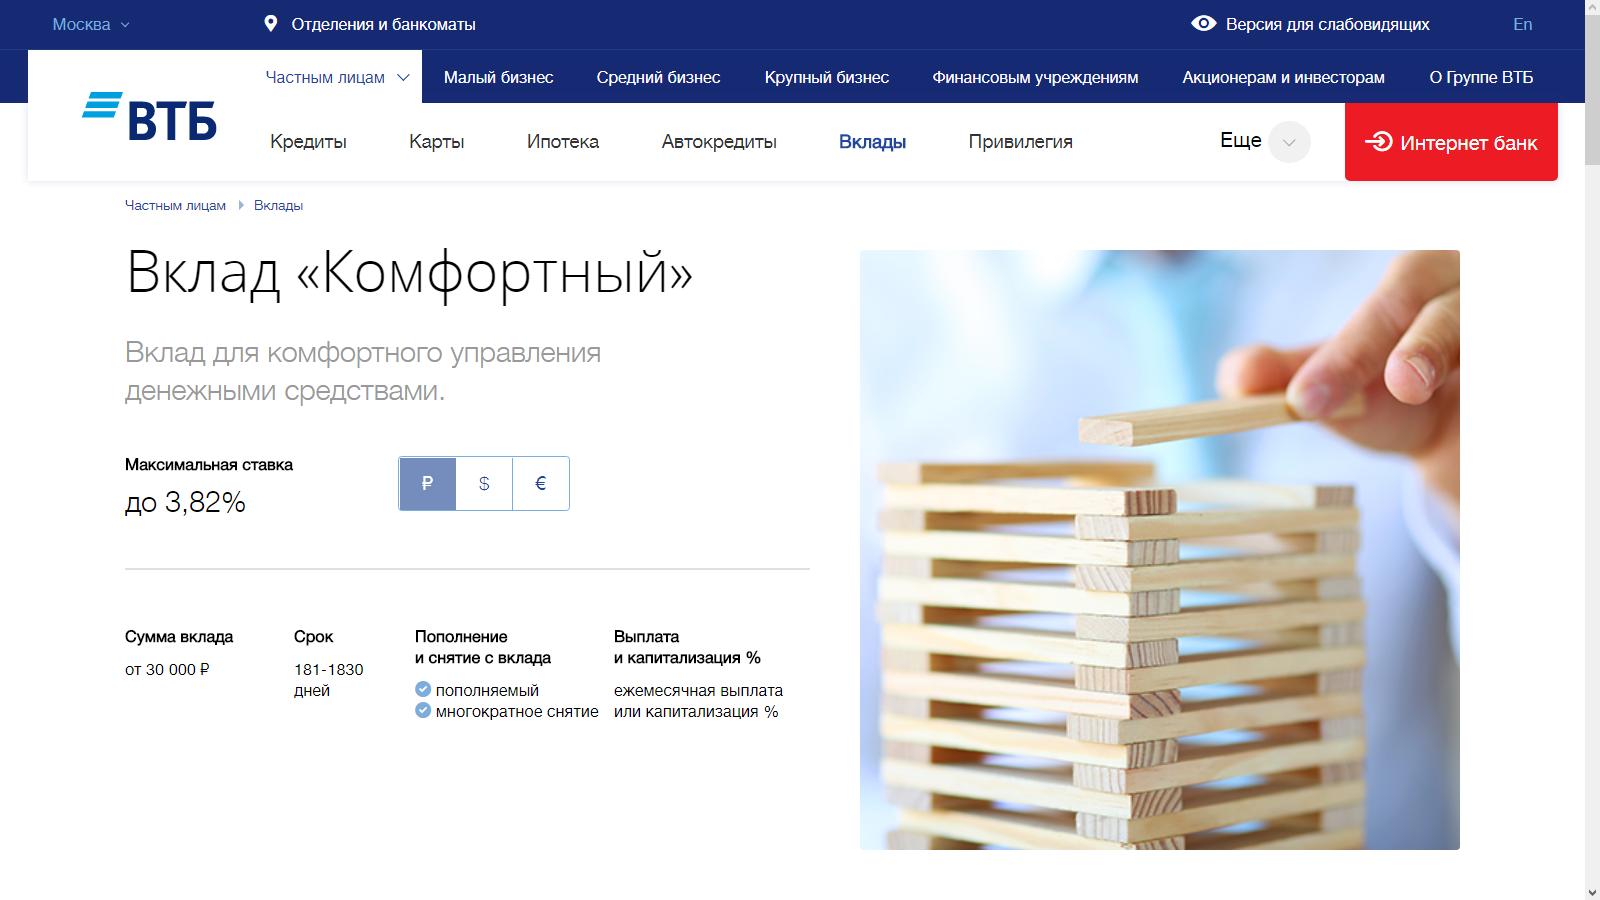 Вклад «Комфортный» в ВТБ банке